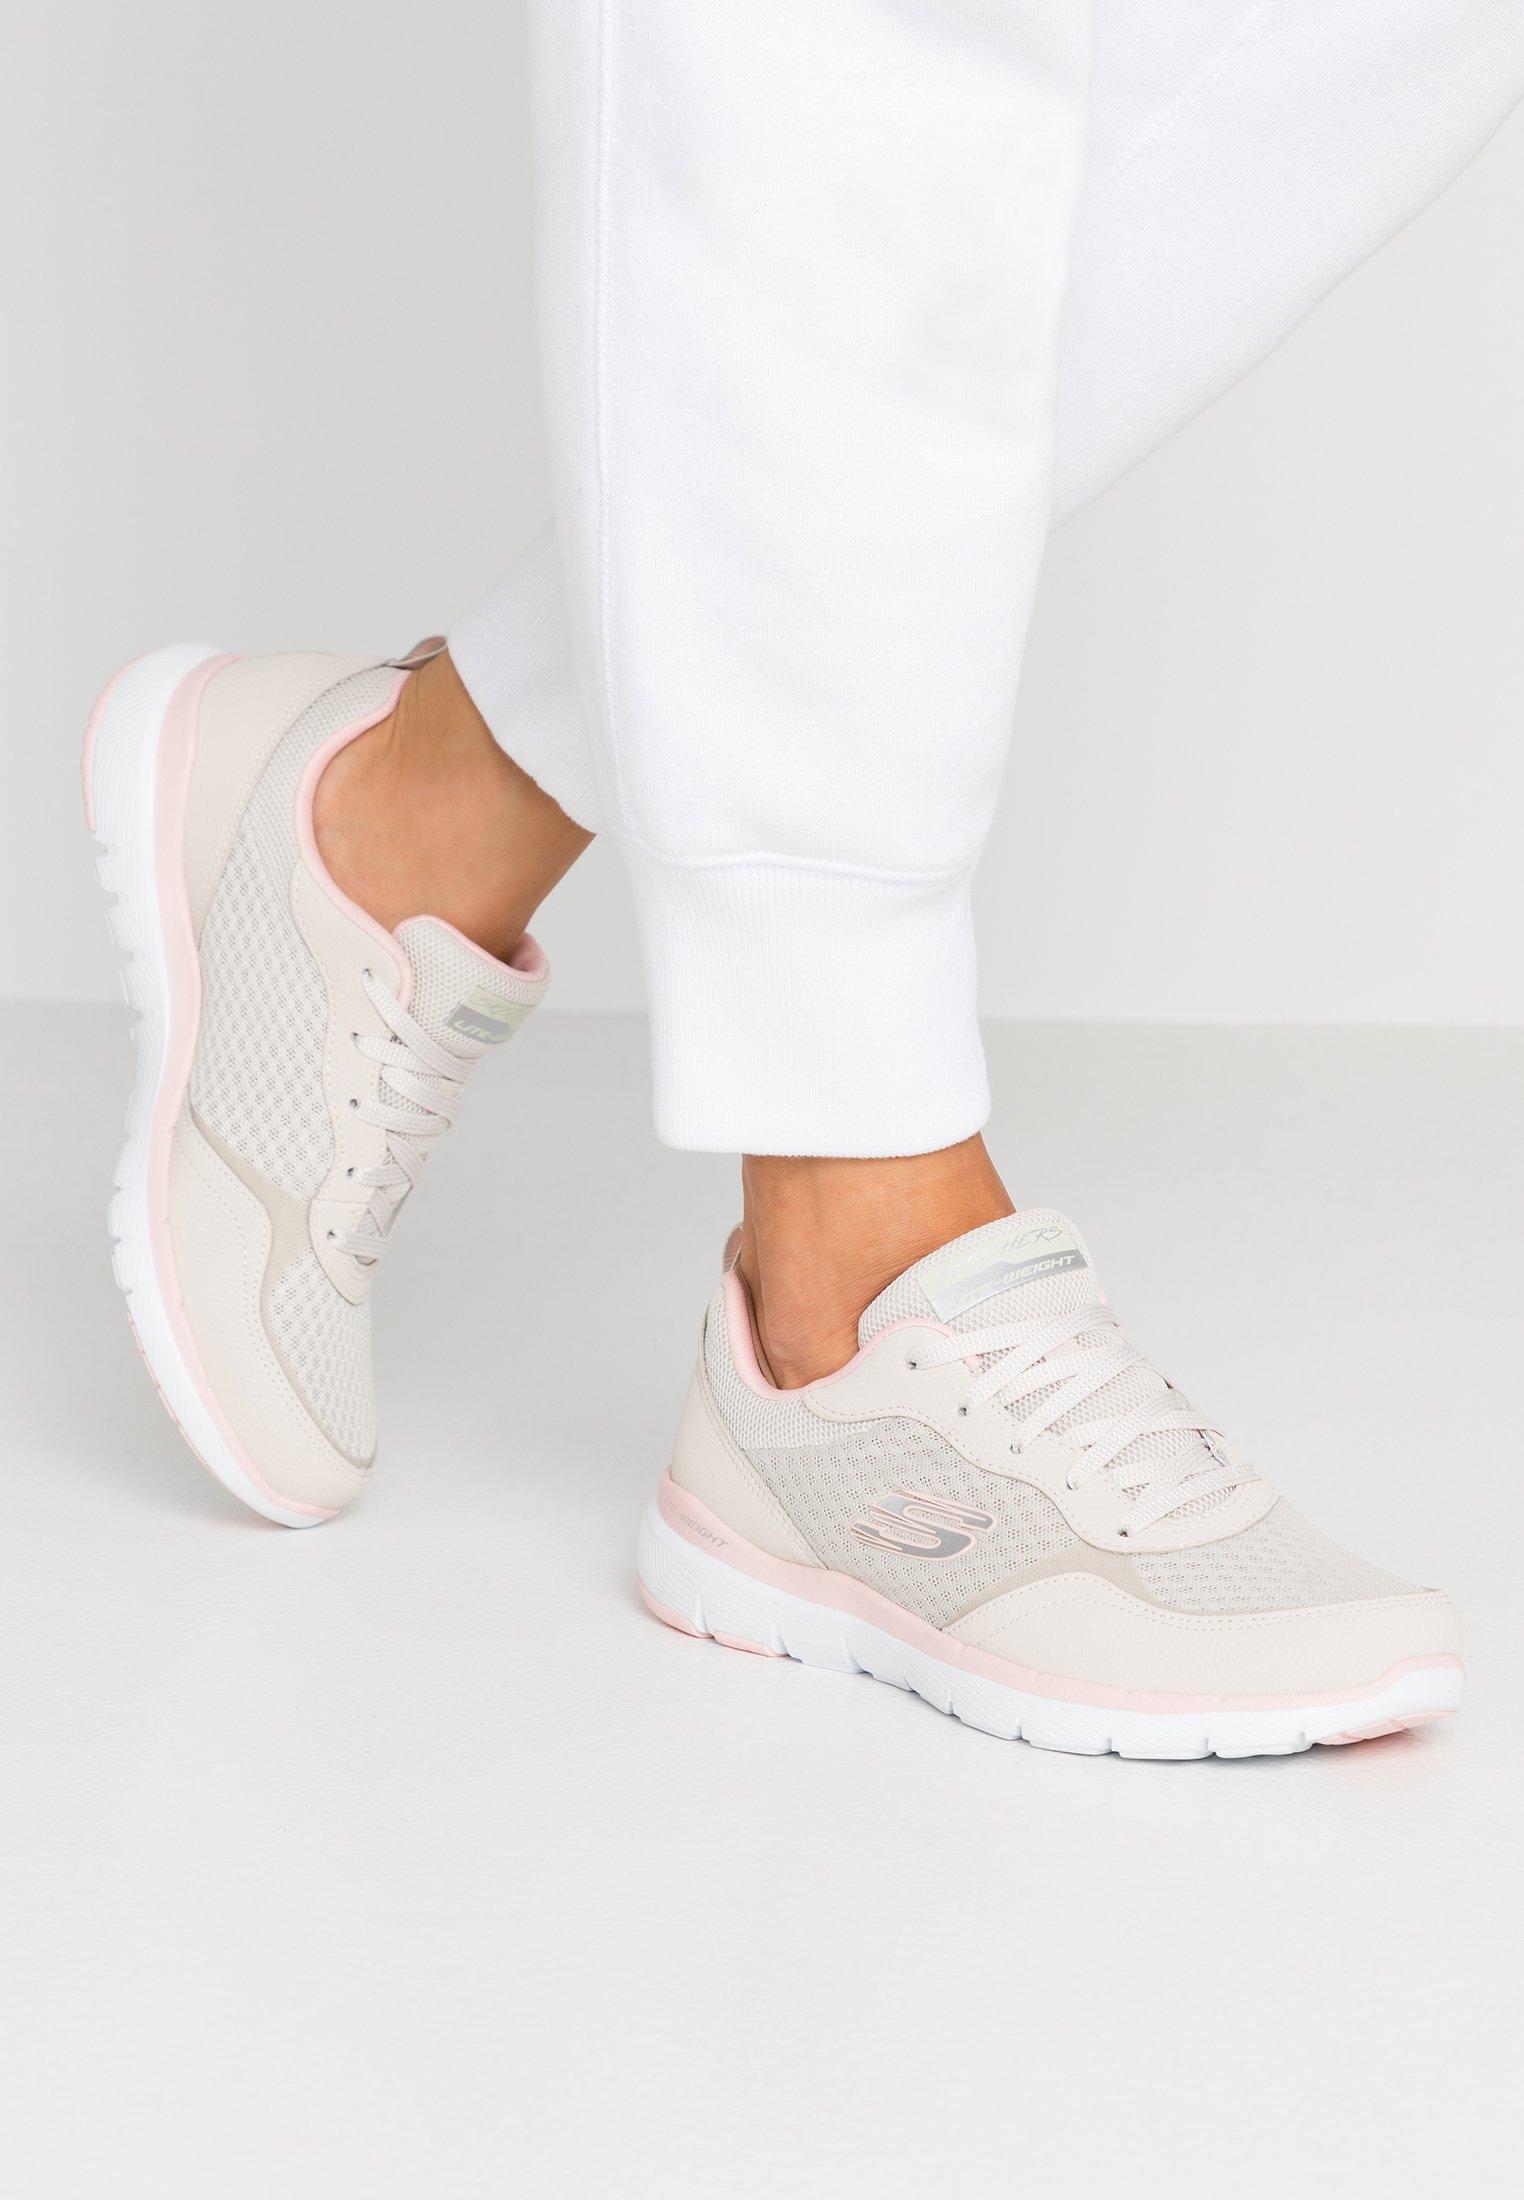 nuevos modelos de zapatos skechers mujer blanco zalando